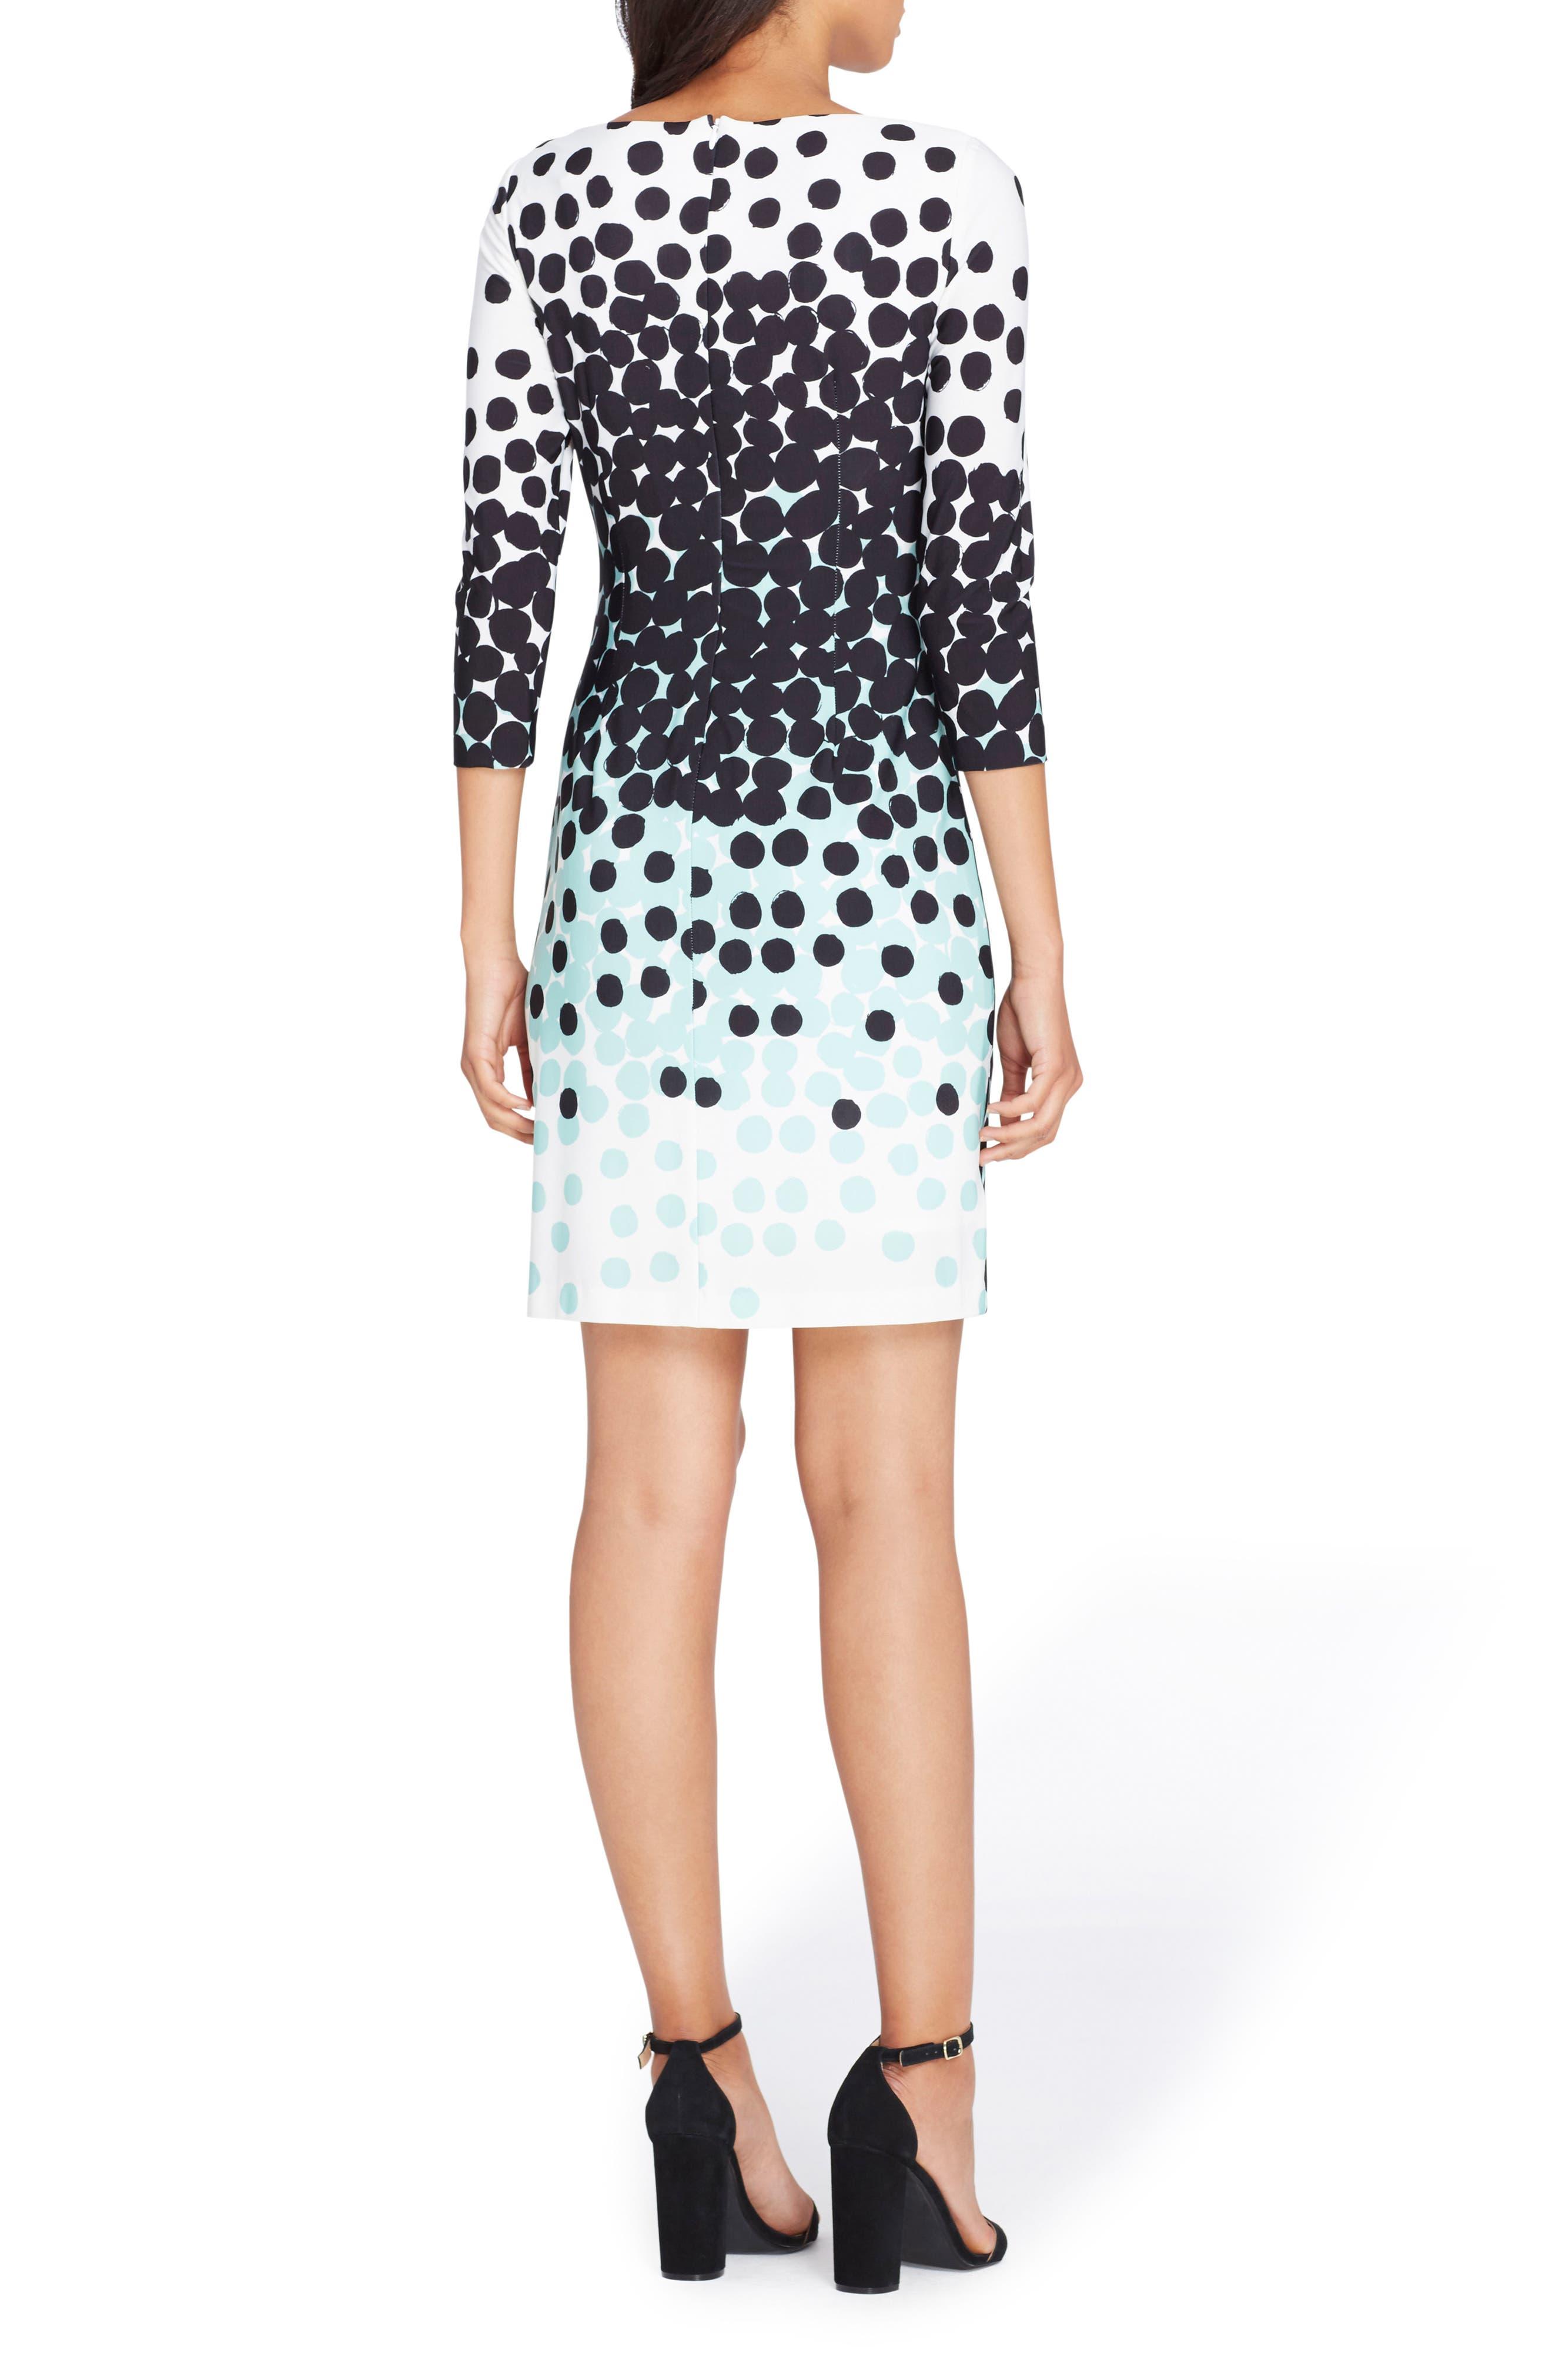 Dot Sheath Dress,                             Alternate thumbnail 2, color,                             Ivory/ Black/ Mint